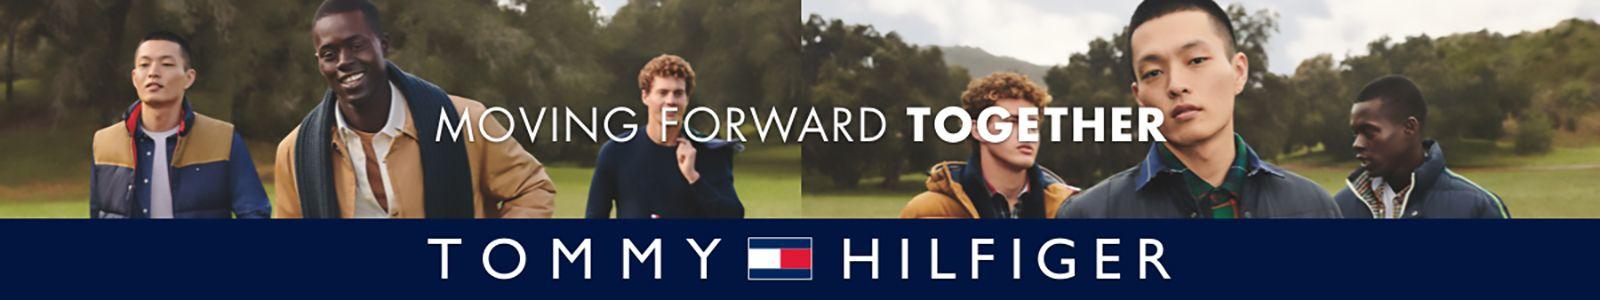 Moving Forward Together, Tommy Hilfiger